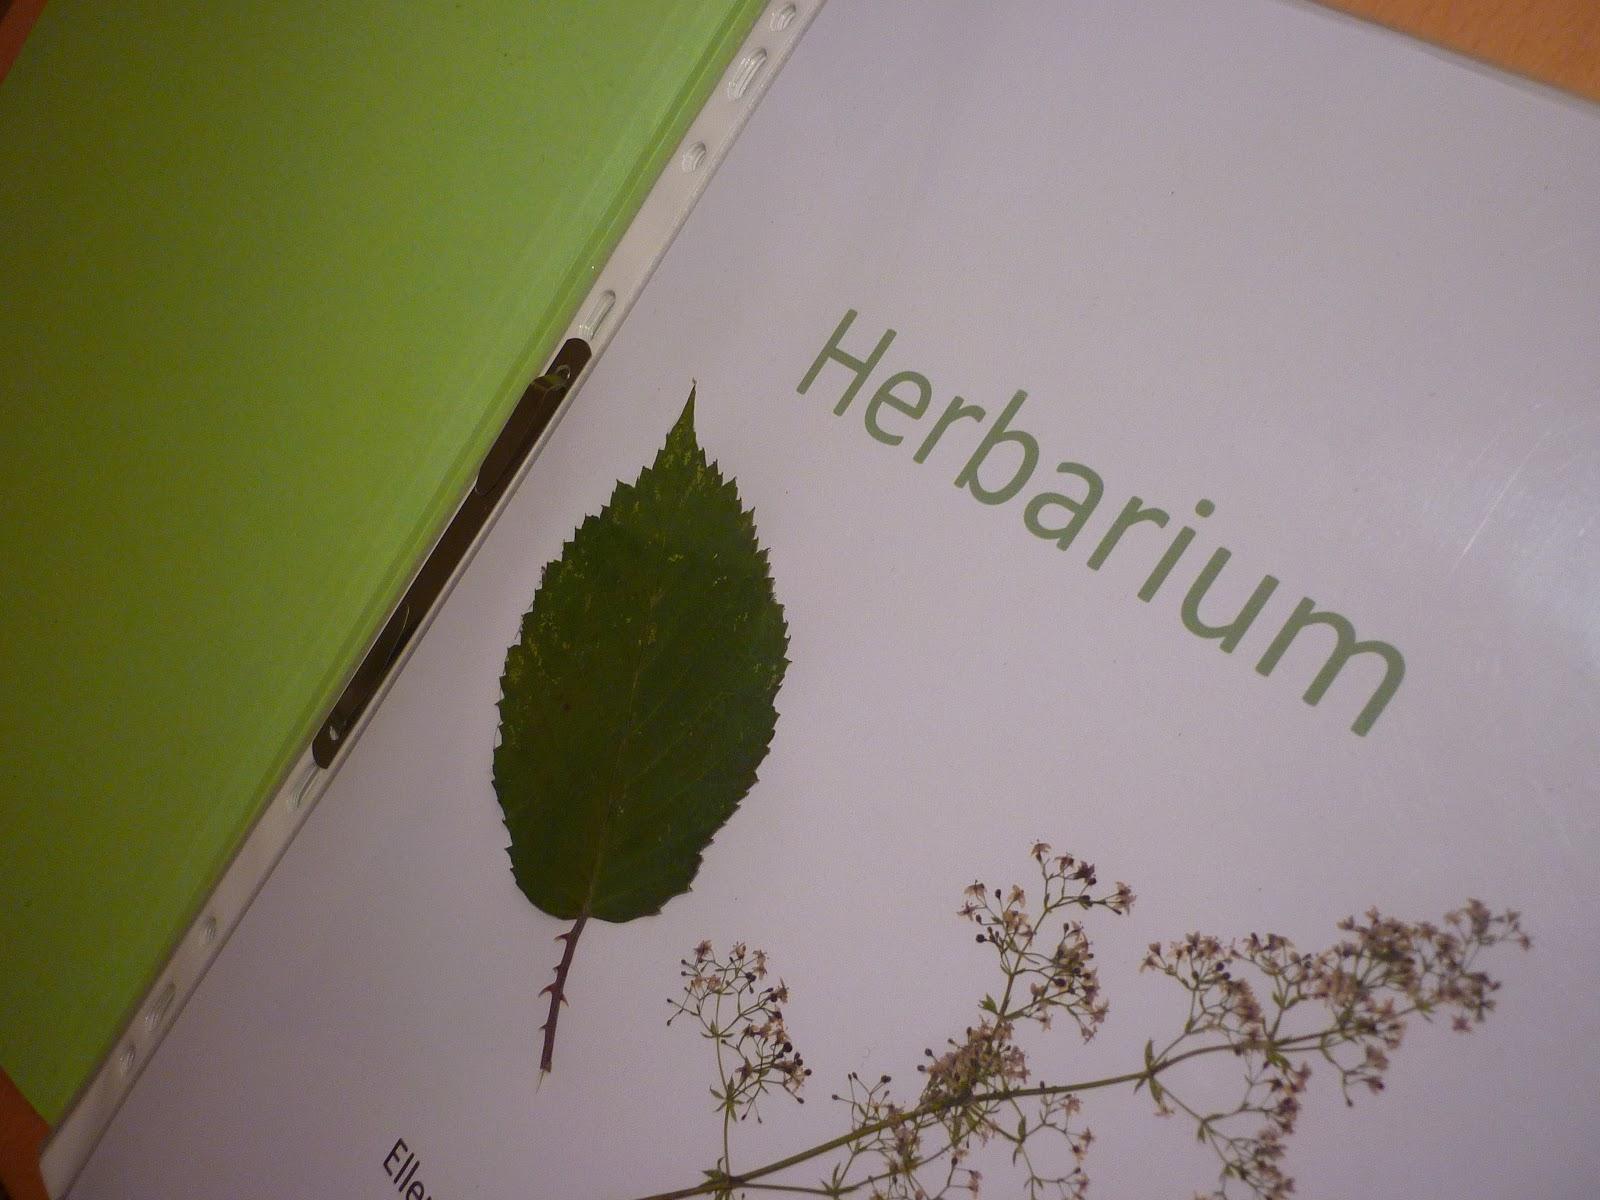 bodenseewellen herbarium das zweite. Black Bedroom Furniture Sets. Home Design Ideas